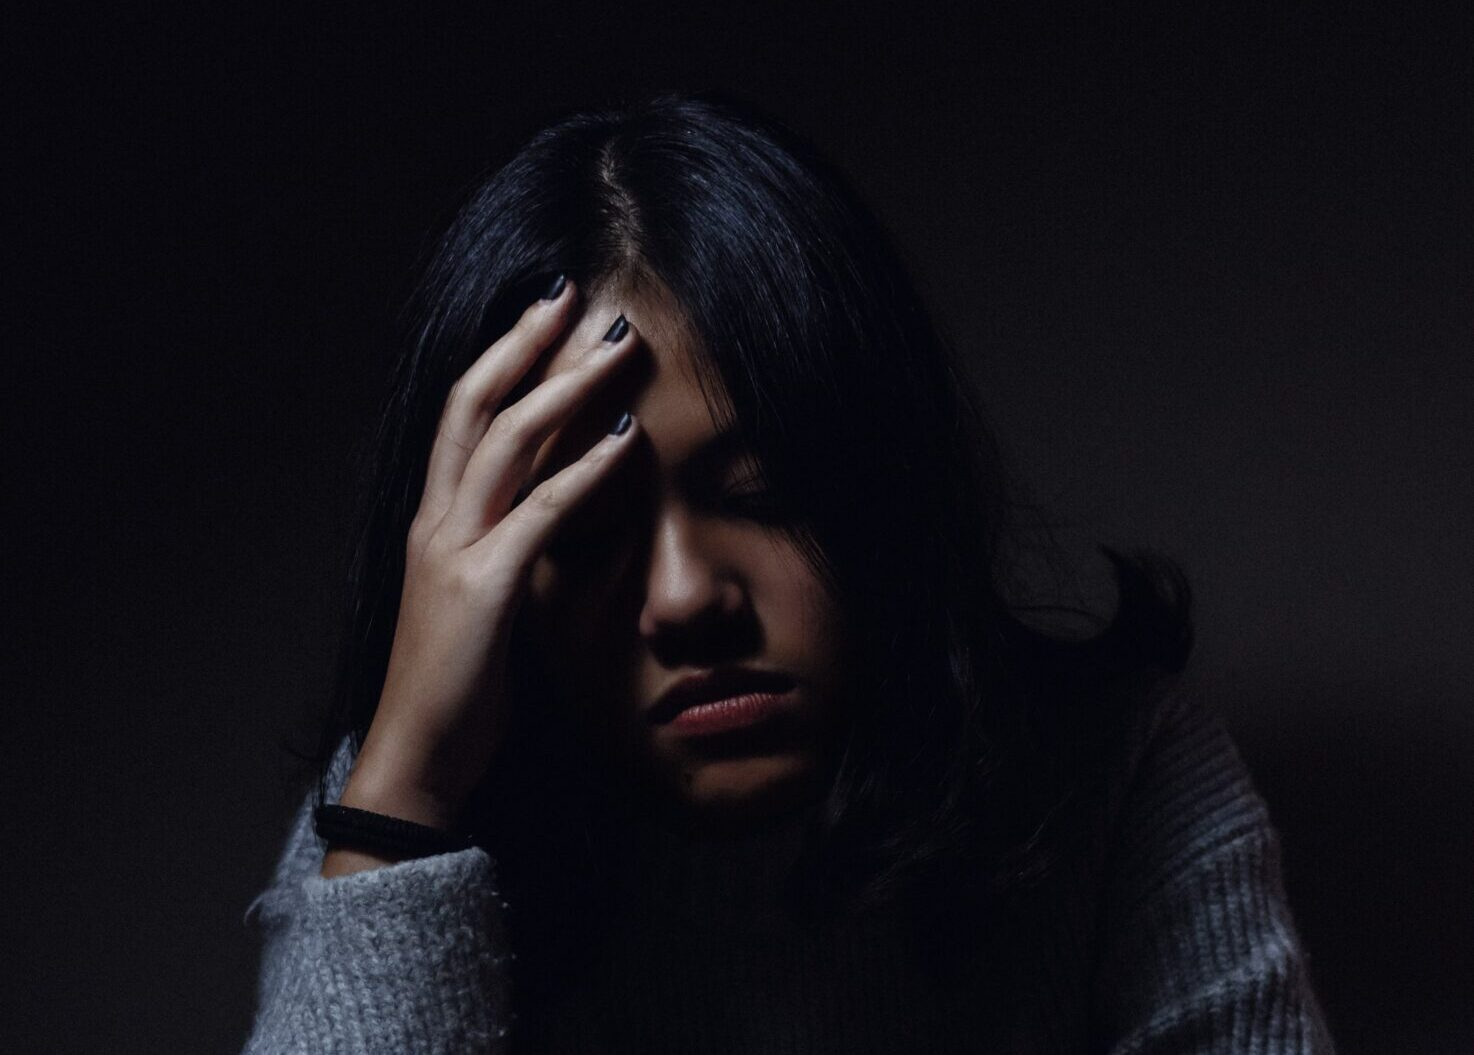 Neredzamā kaite – migrēna. Kā mazināt slimības radīto diskomfortu?